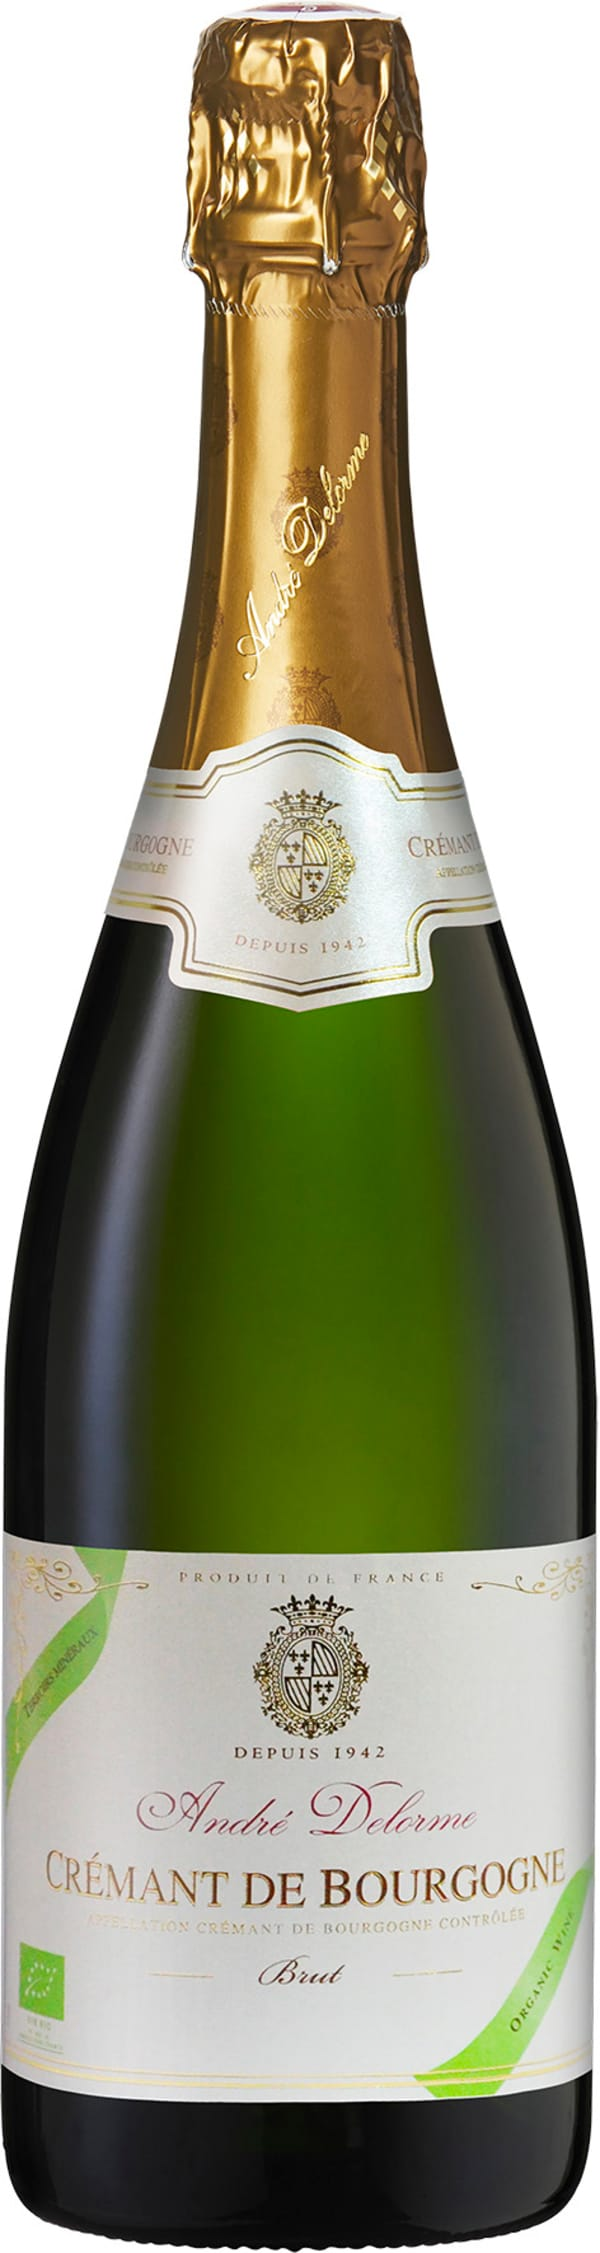 André Delorme Crémant de Bourgogne Organic Brut